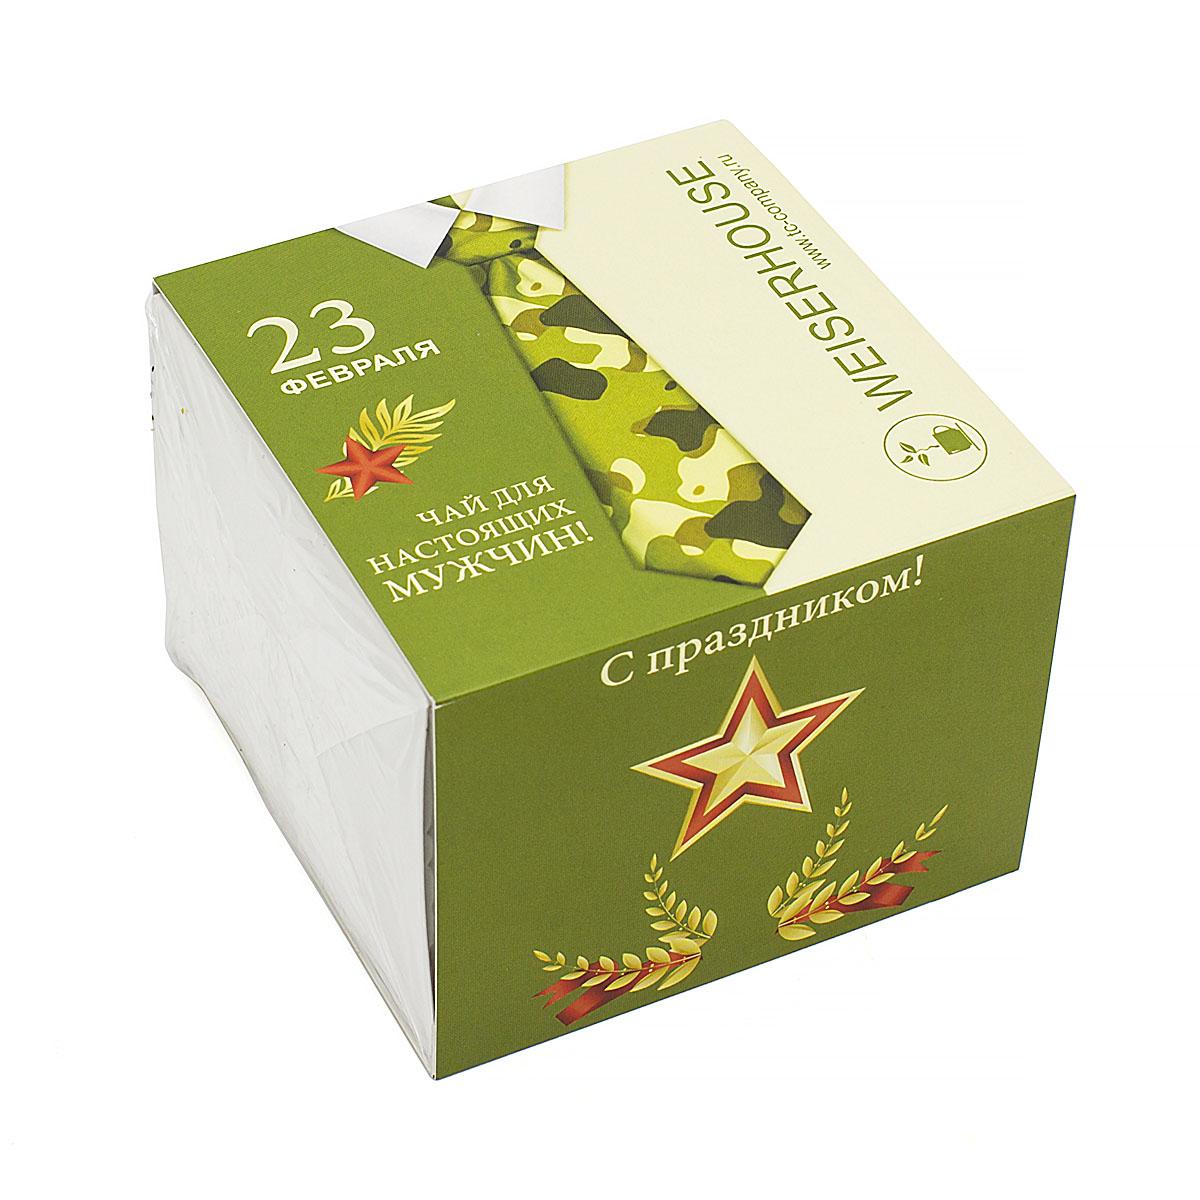 Чай черный Секрет Цейлона, подарочный к 23 февраля, 100 г цены